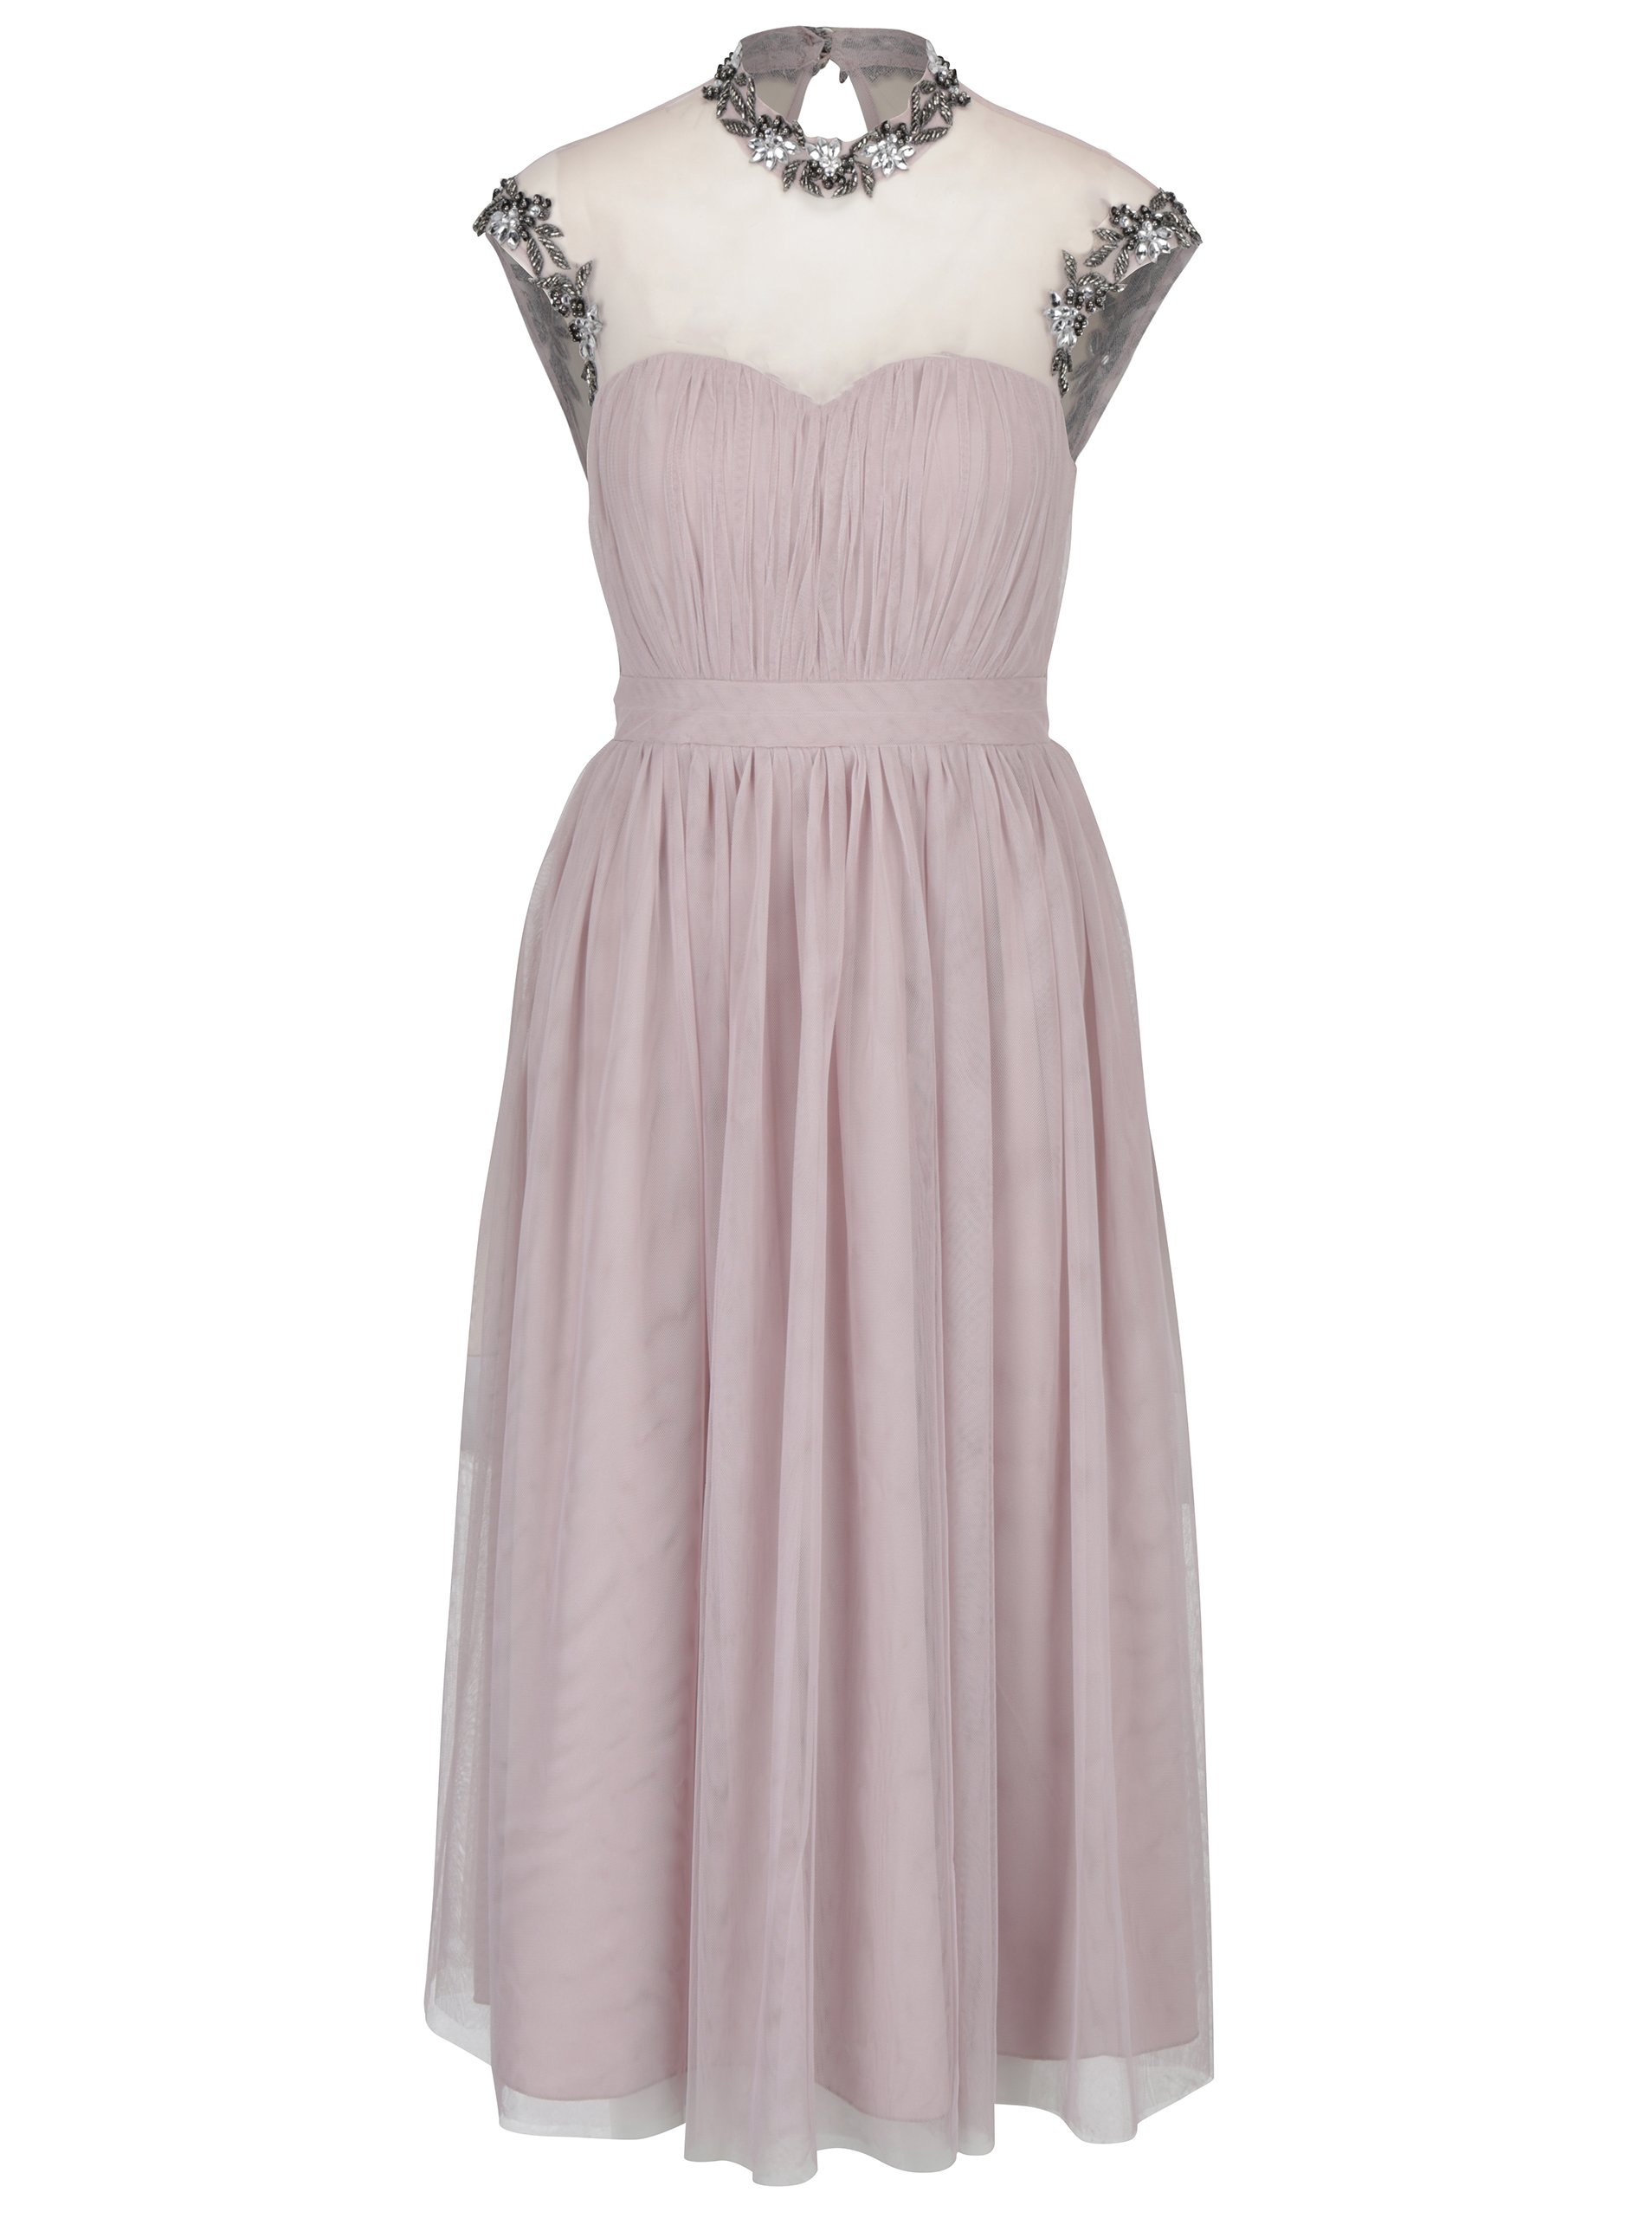 Starorůžové šaty s průsvitným dekoltem a výšivkou Little Mistress